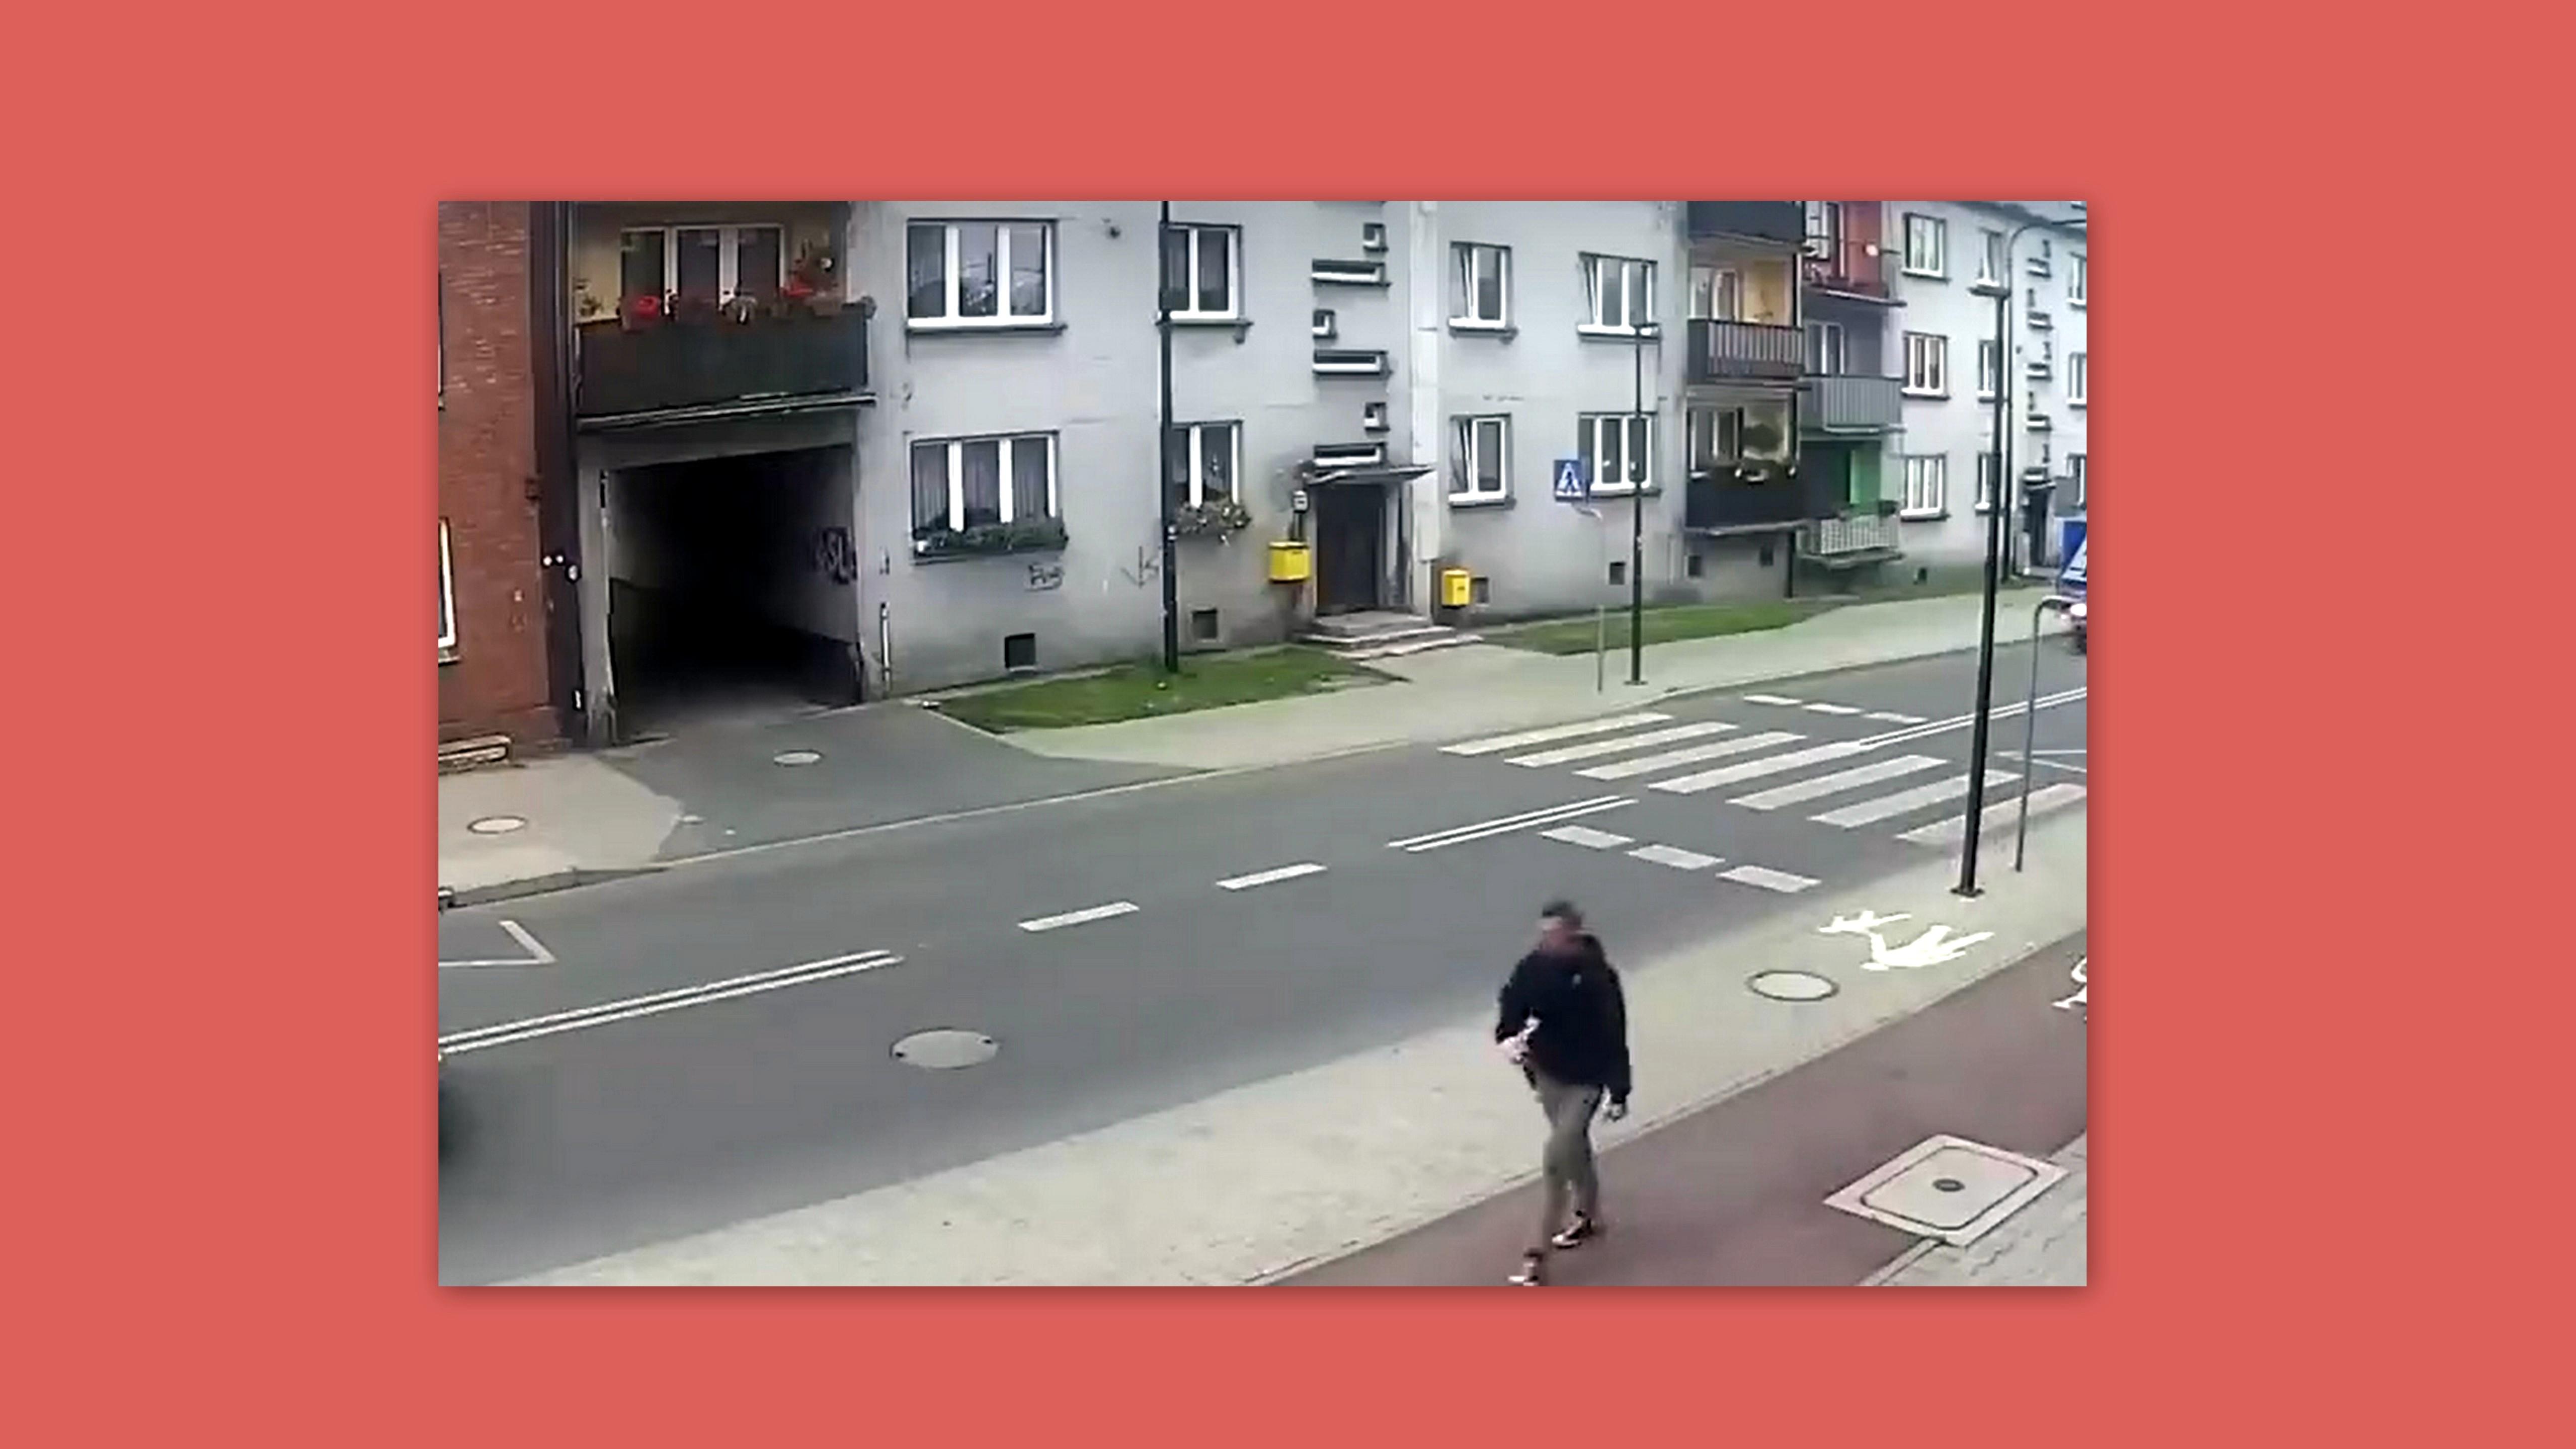 KU PRZESTRODZE! Samochód wjechał na chodnik. Pieszy ledwo uszedł z życiem!  [WIDEO] - Zdjęcie główne